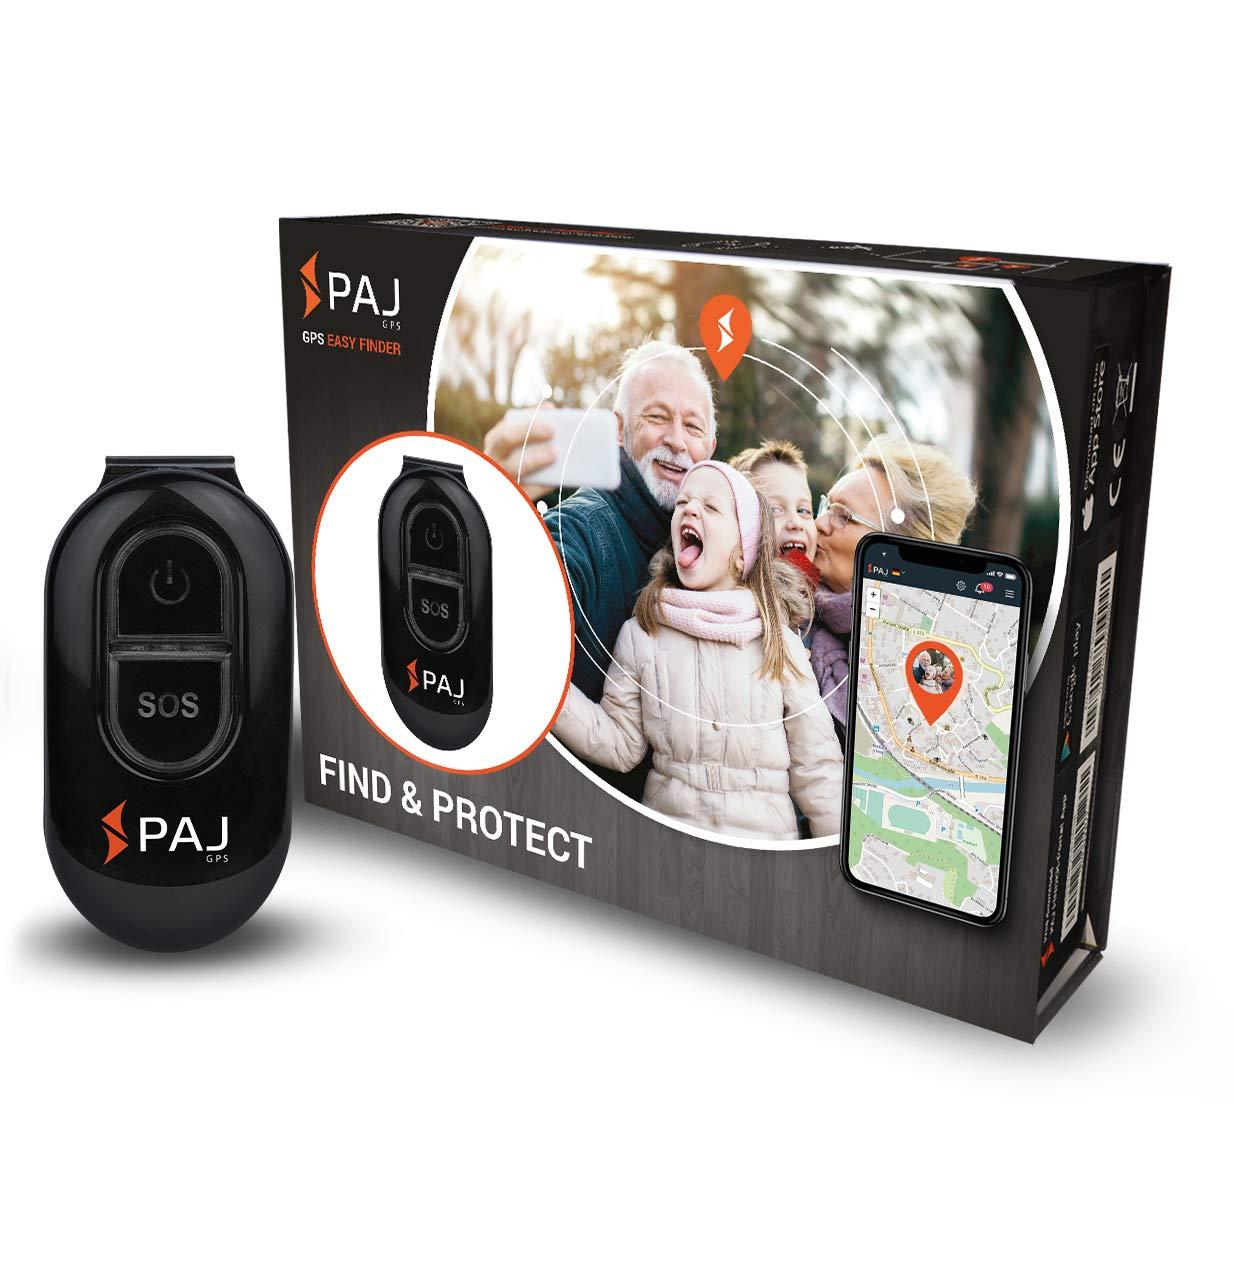 PAJ Easy Finder 2.0 - Localizador GPS - Marca Alemana - Tracker para Niños, Personas Mayores y Coches - Llavero con App product image